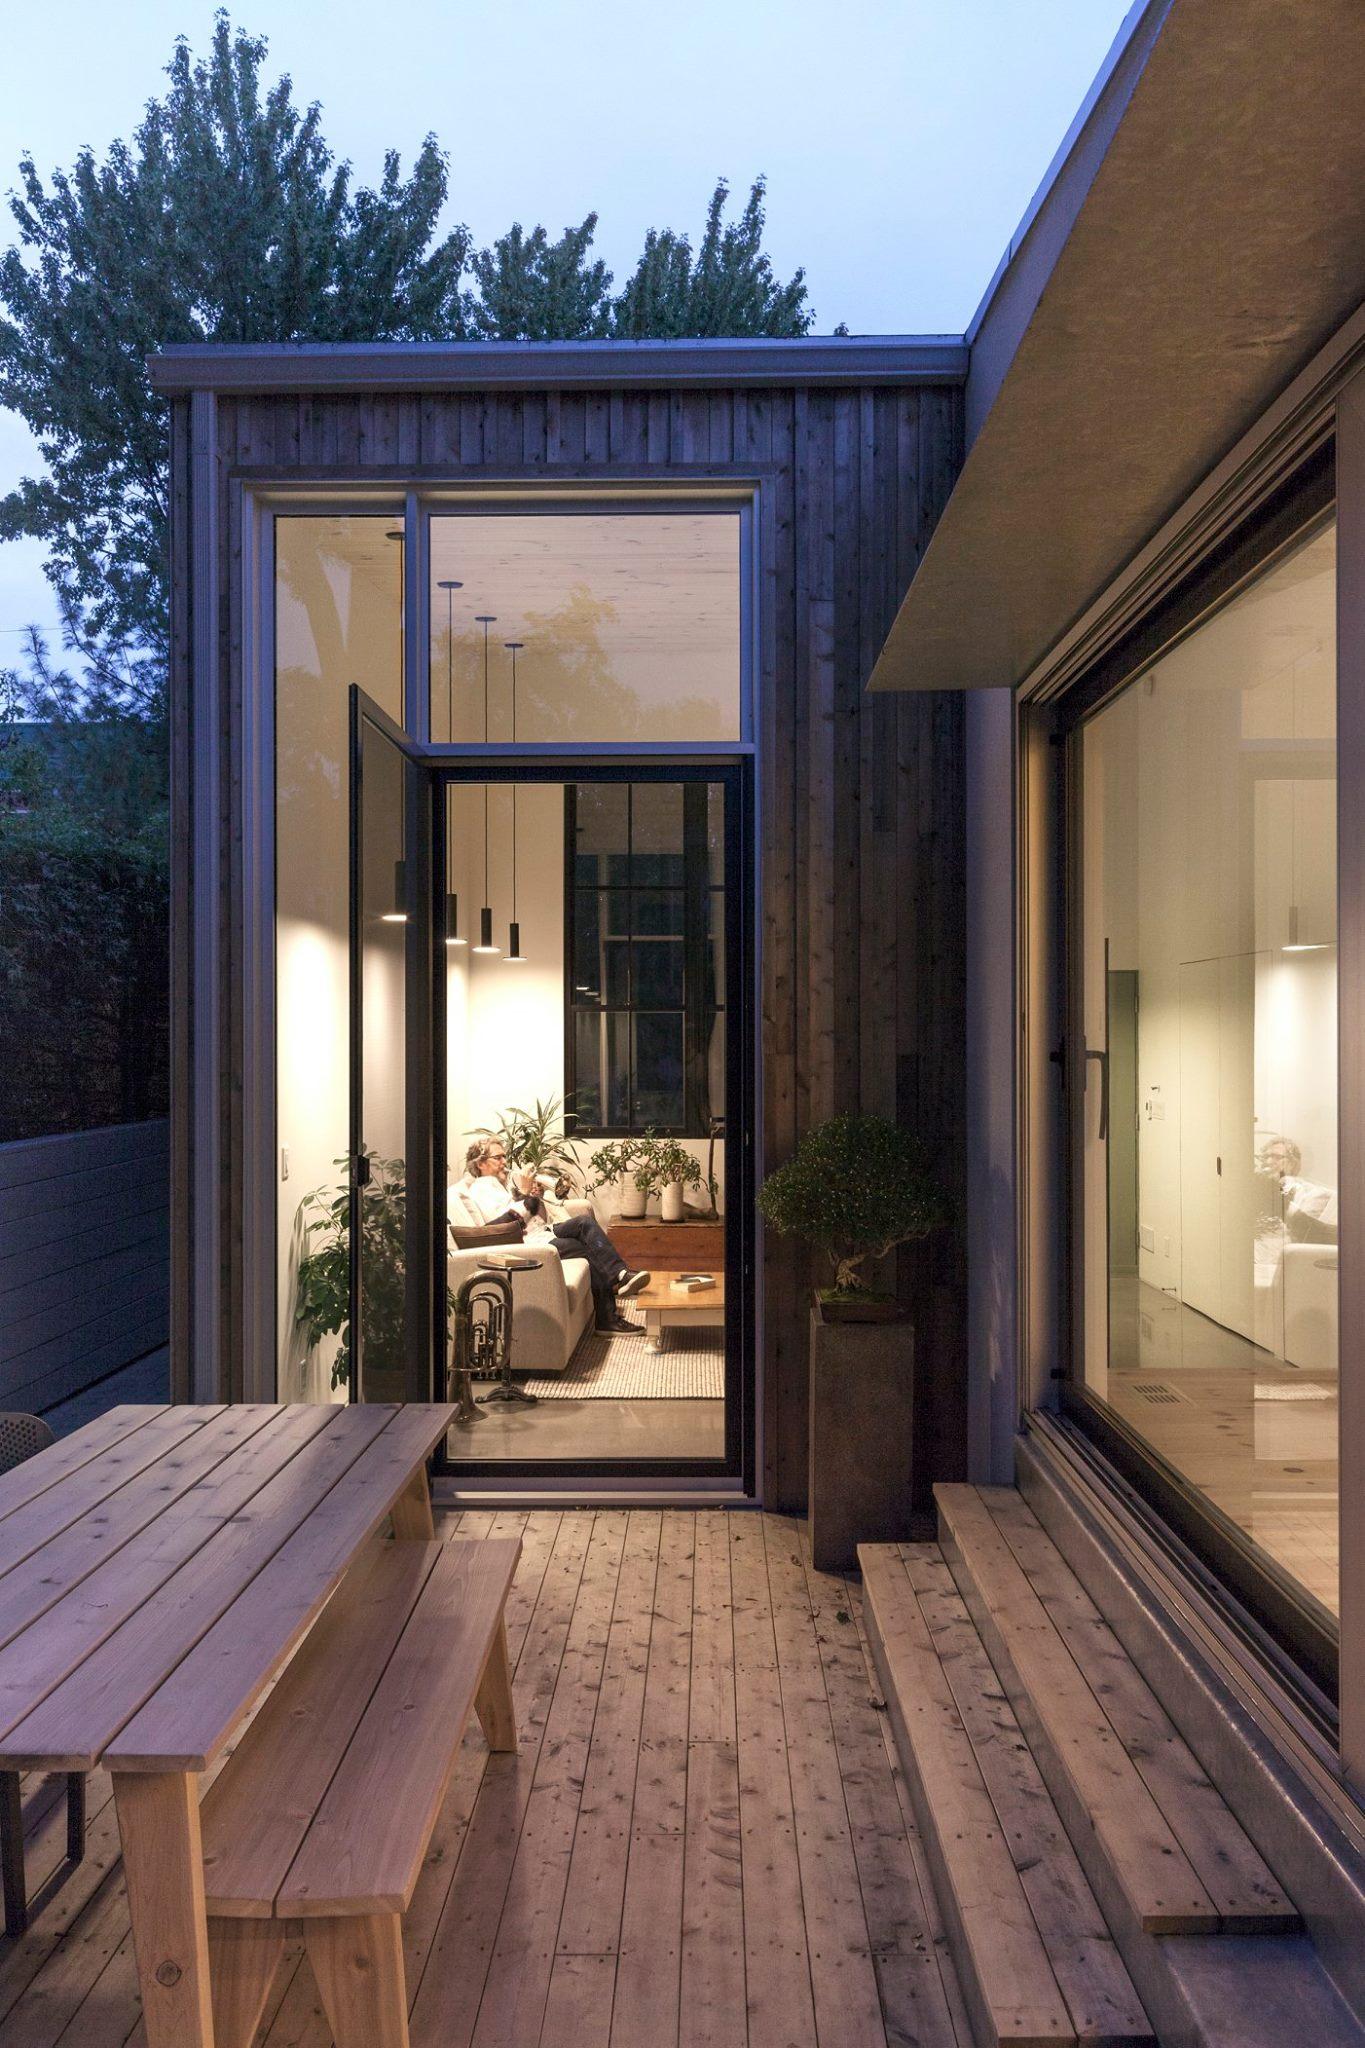 vendre-sa-maison-et-demenager-dans-plus-petit-jean-luc-gagnon-et-sa-conjointe-marie-helene-larouche-shed-architecture-montréal-saint-lambert-1